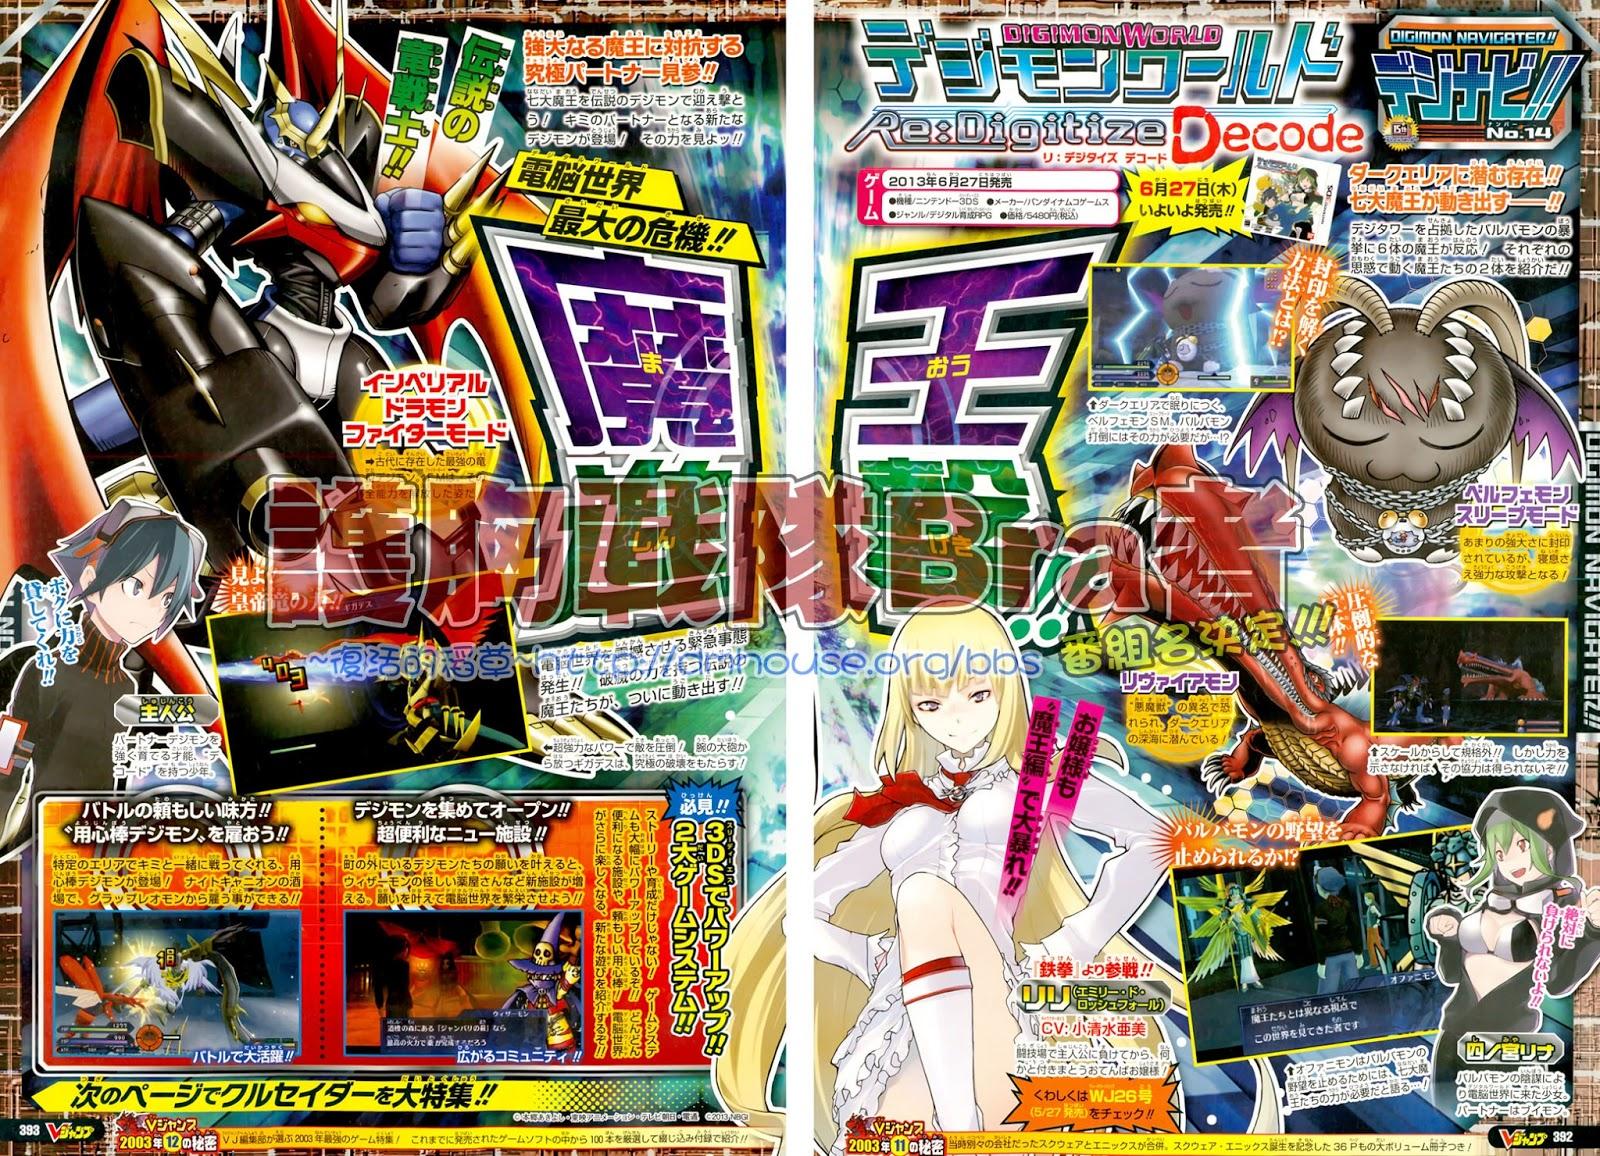 Manga Digimon World Re: Digitize ENCODE - Página 2 V-Jump+Edi%C3%A7%C3%A3o+de+Julho+Digimon+World+Re+Digitize+Decode